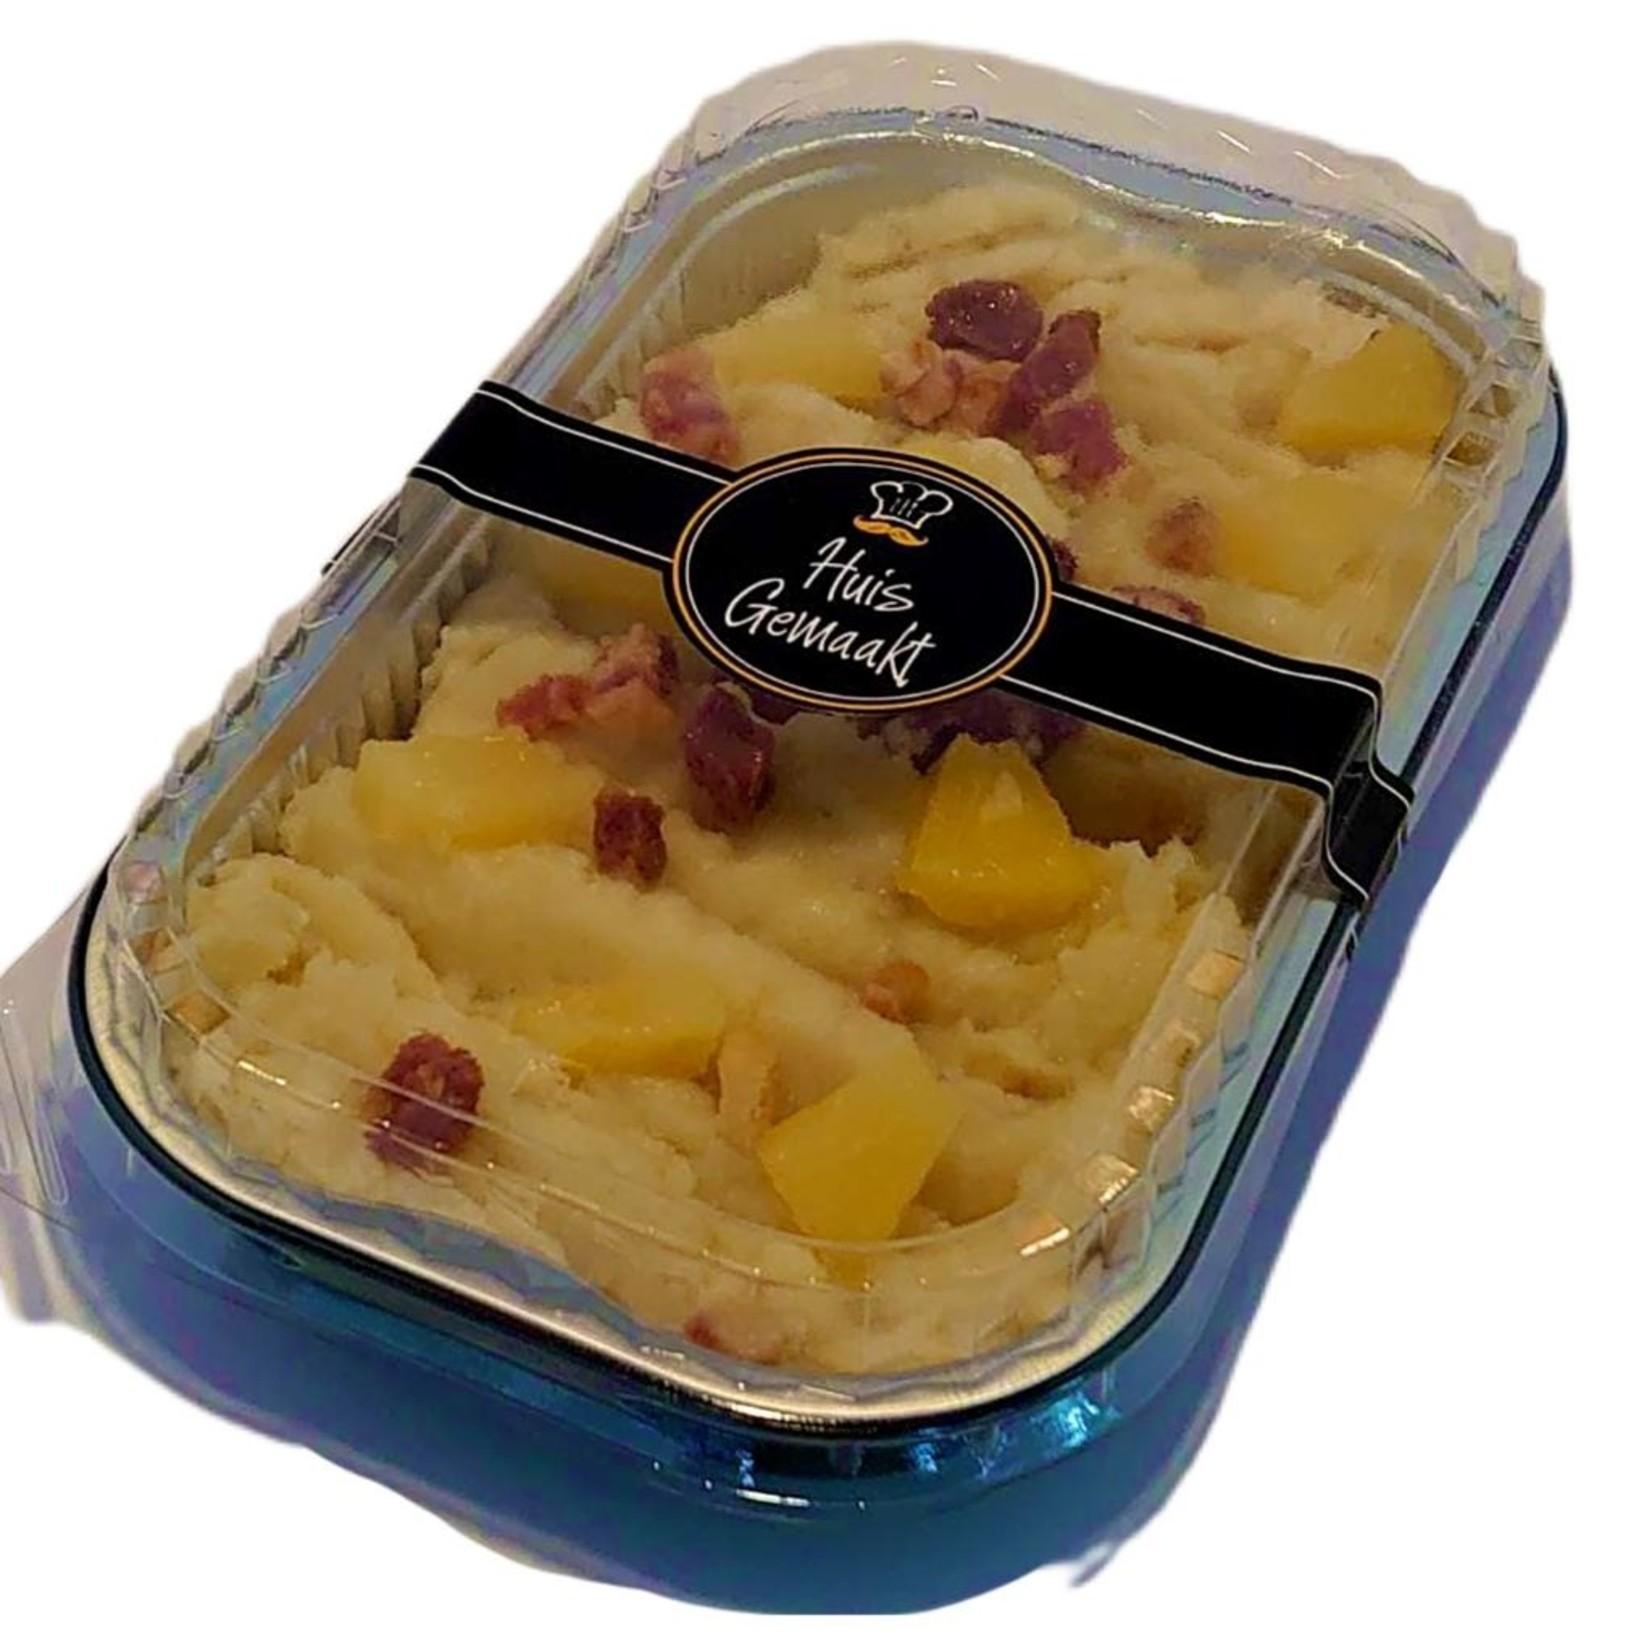 Zomer zuurkool stamppot met spekjes en ananas | per maaltijd | (Slagerij Gerritschen)